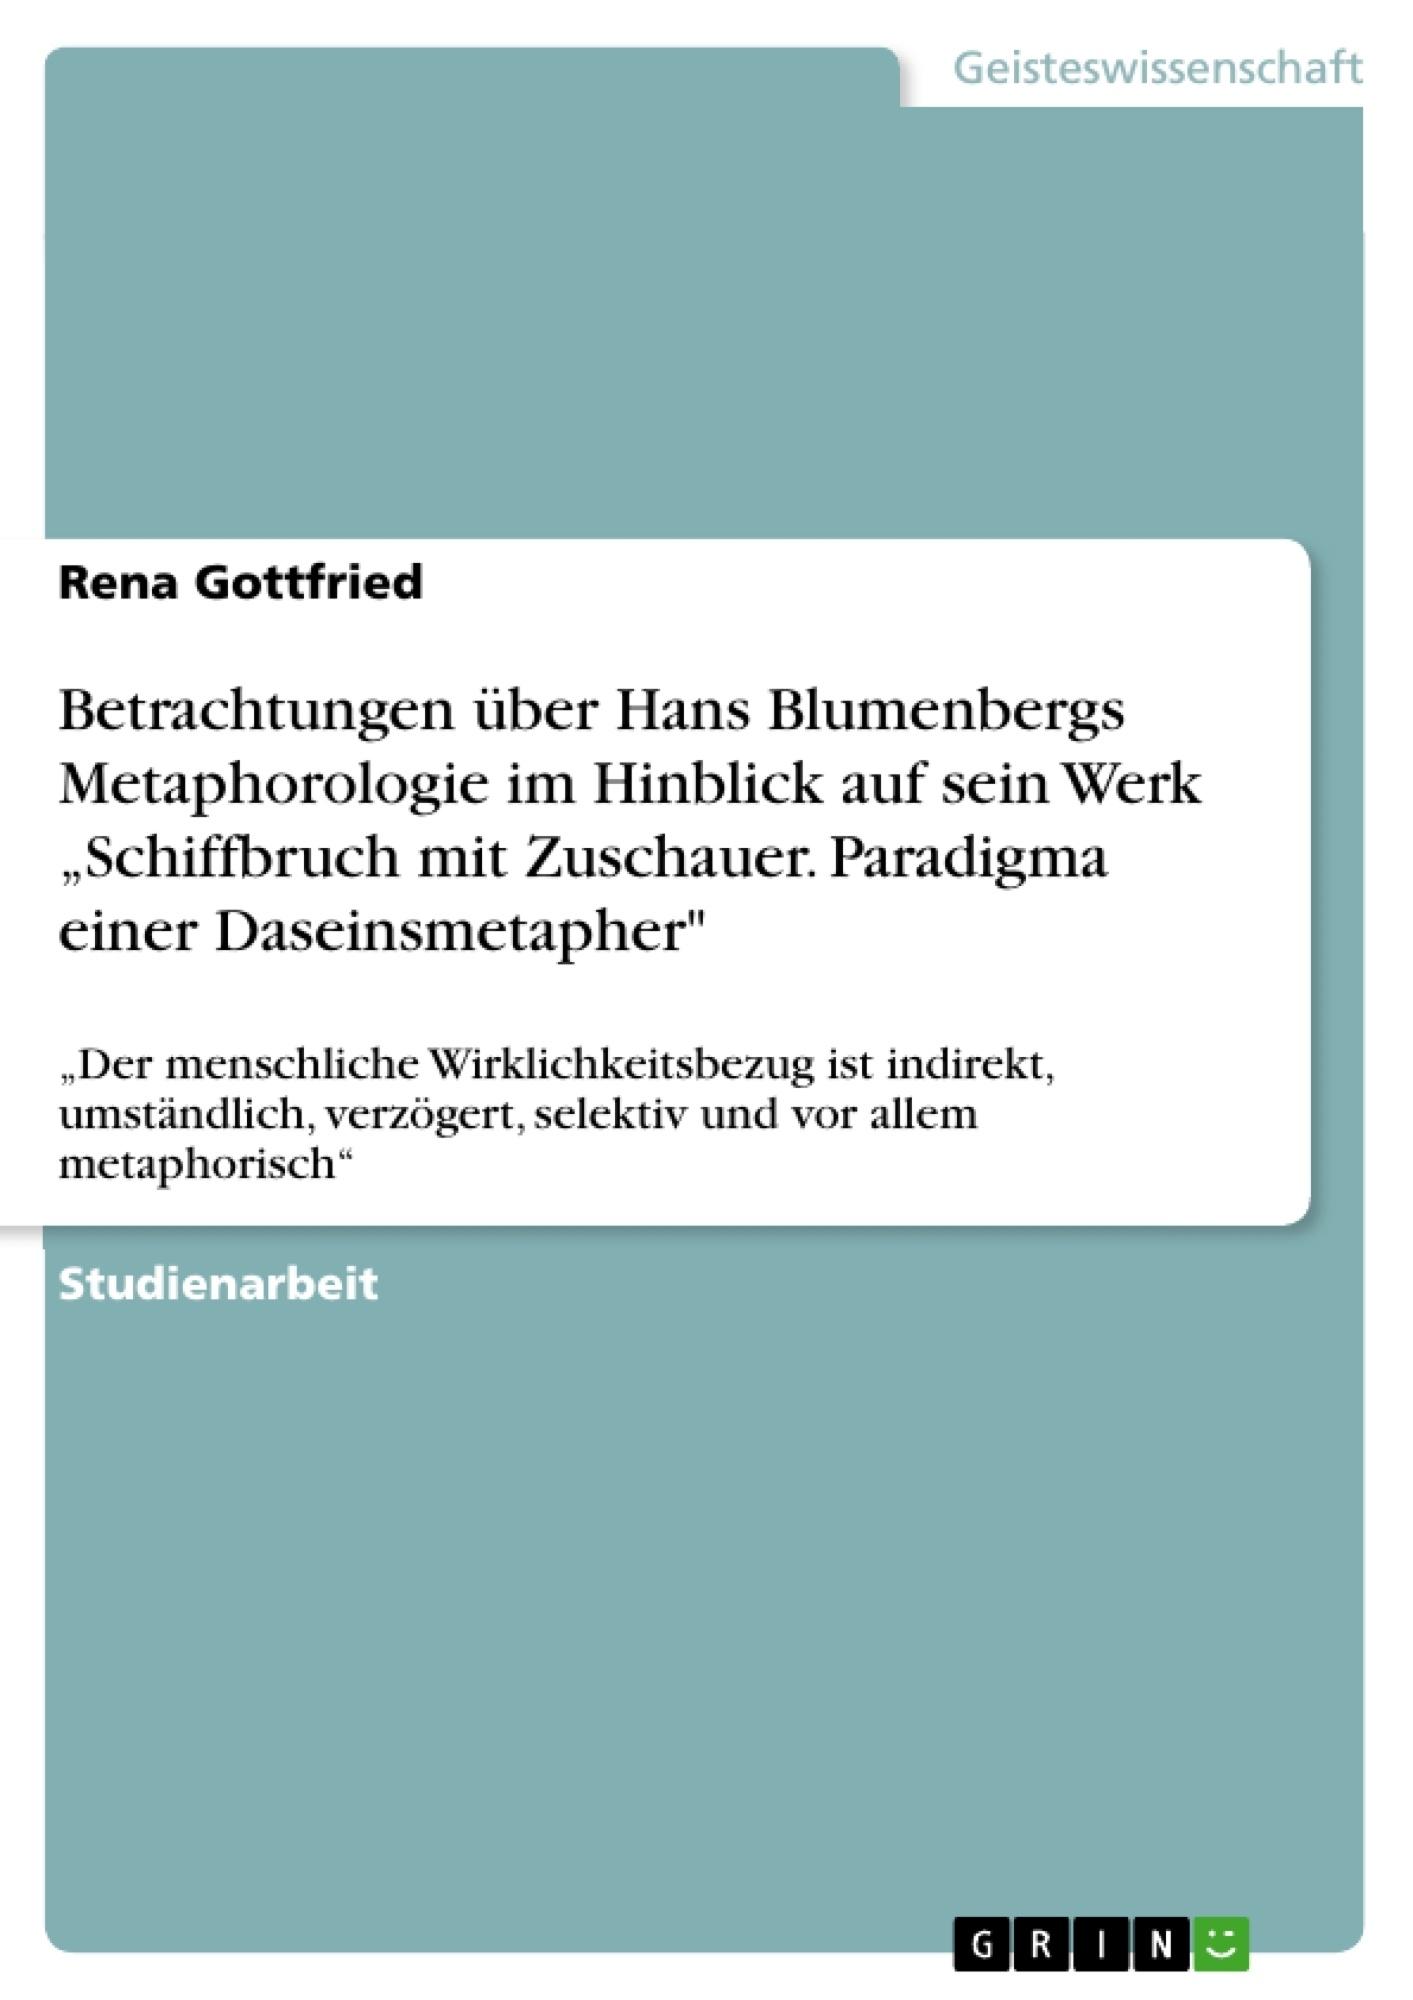 """Titel: Betrachtungen über Hans Blumenbergs Metaphorologie im Hinblick auf sein Werk """"Schiffbruch mit Zuschauer. Paradigma einer Daseinsmetapher"""""""